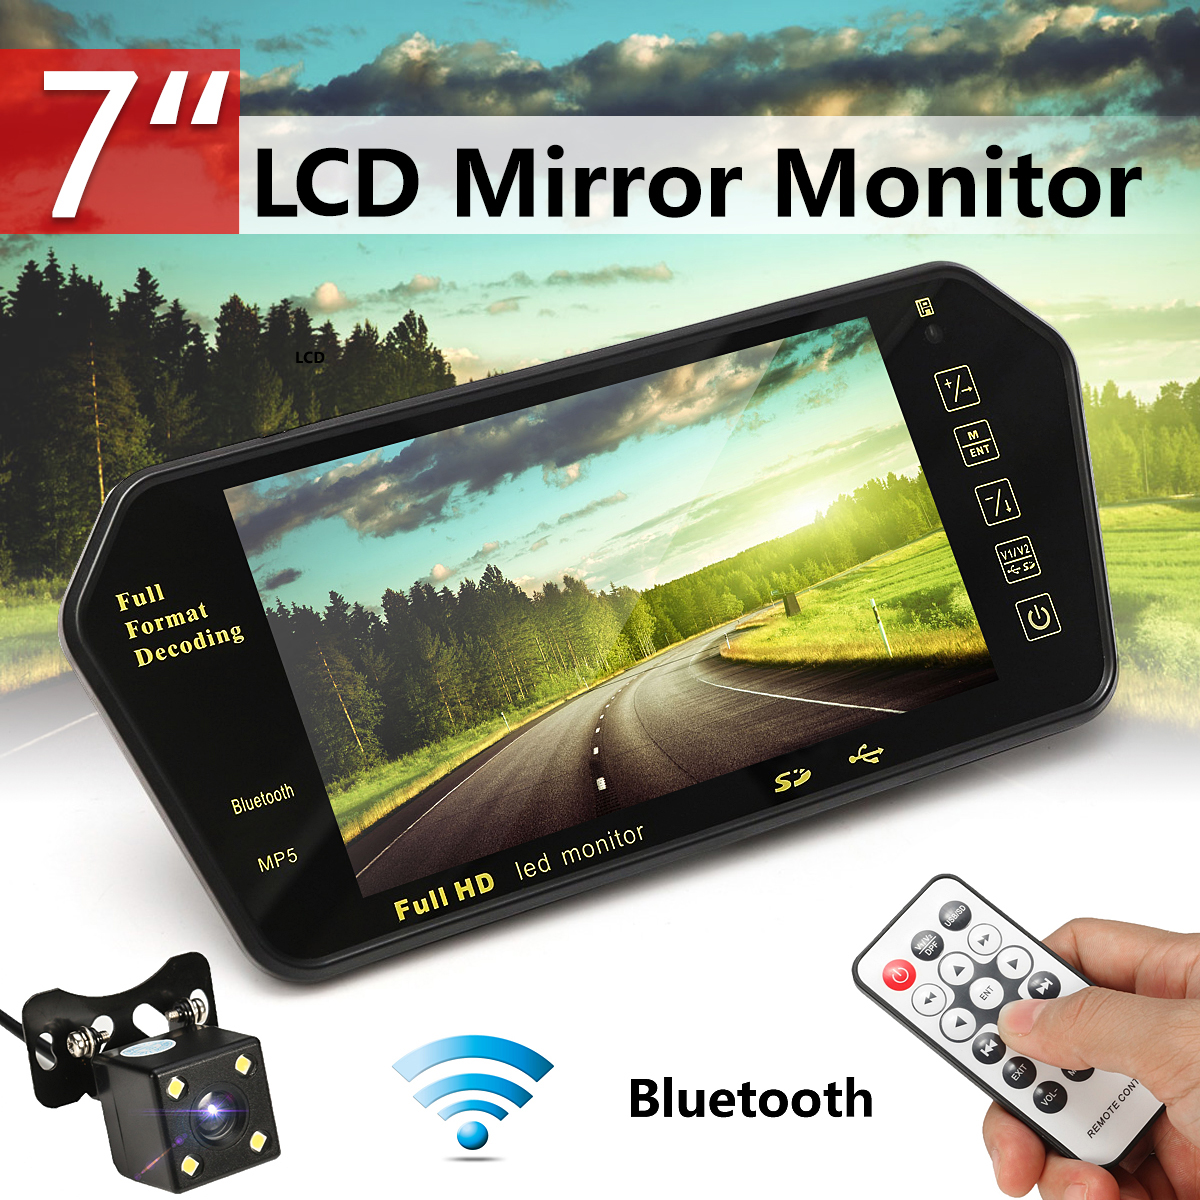 Bluetooth Viedo MP5 плеер 7 дюймов TFT LCD цветной зеркальный монитор автомобиля заднего вида авто парковочная помощь + запасная камера заднего вида